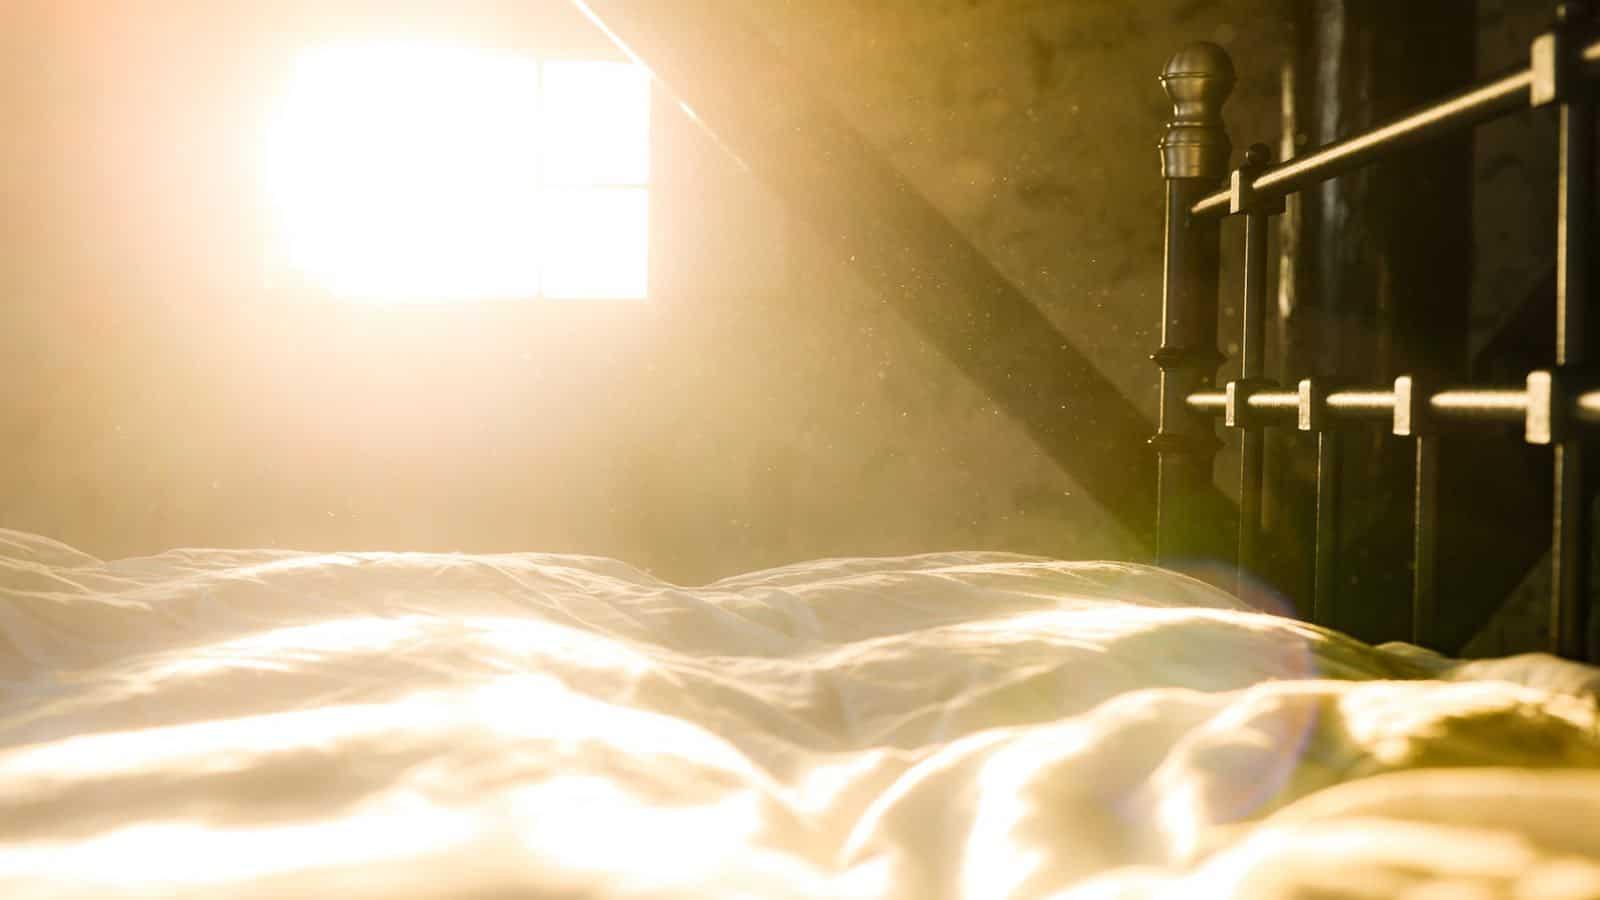 Staub im Schlafzimmer - So wirst du Dreck und Staub los!